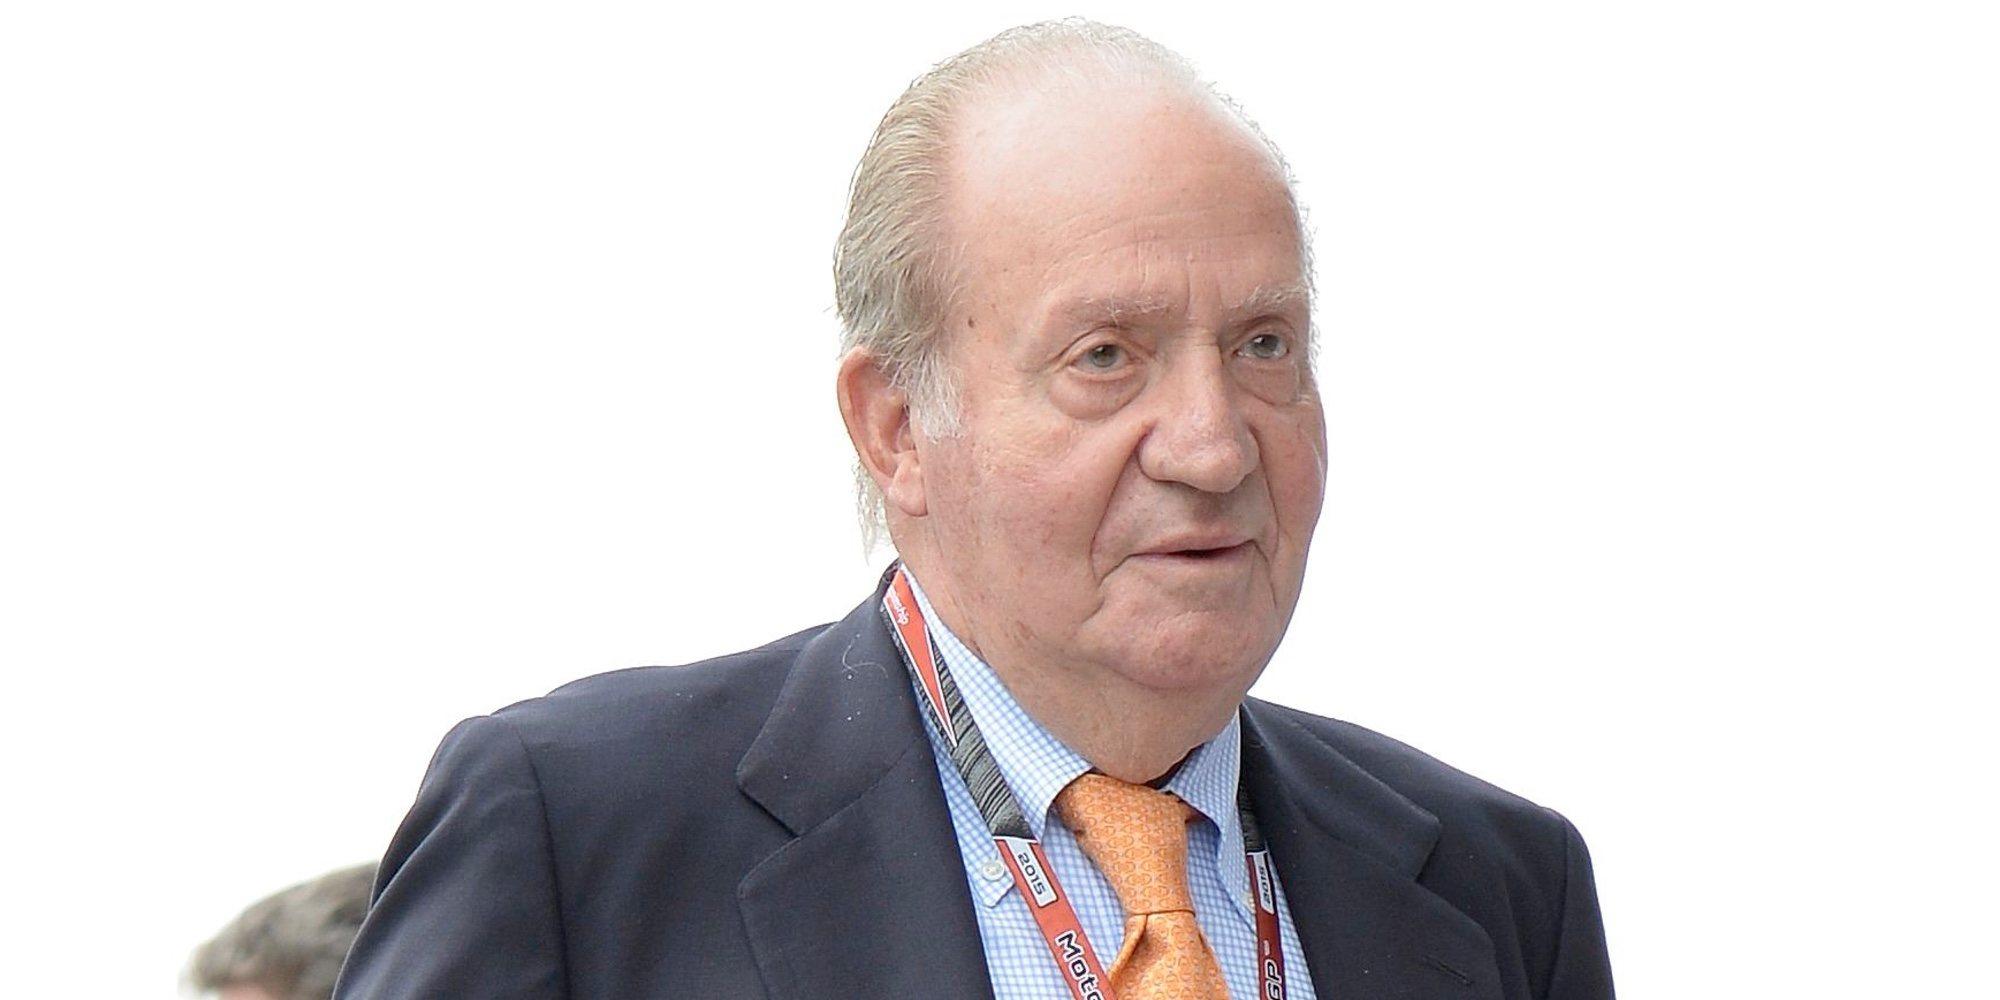 La mejoría del Rey Juan Carlos tras su operación de corazón: ha dado algunos pasos y pasará a planta